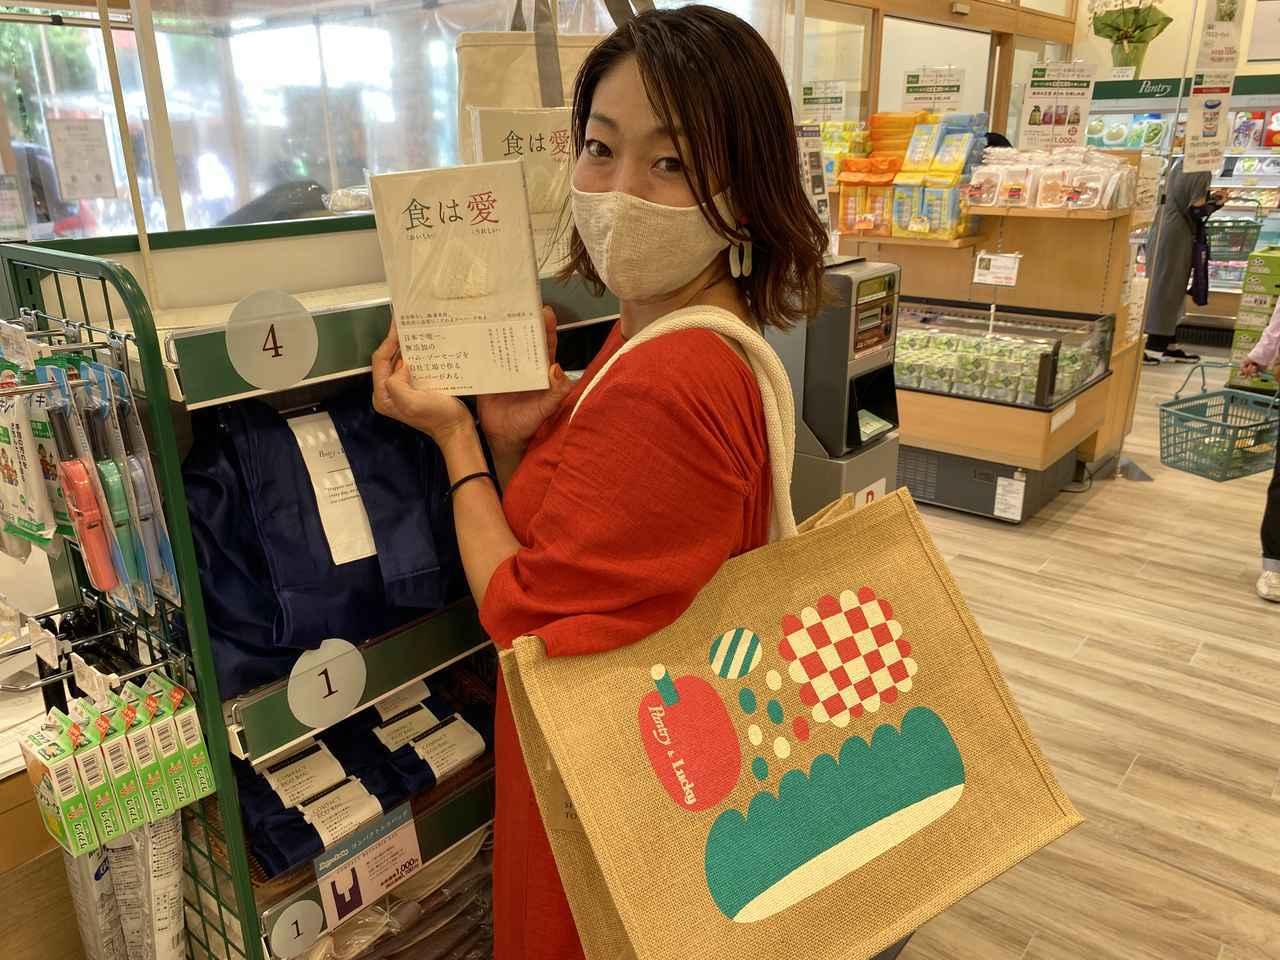 画像: エコバッグと本も売っていますよ♪